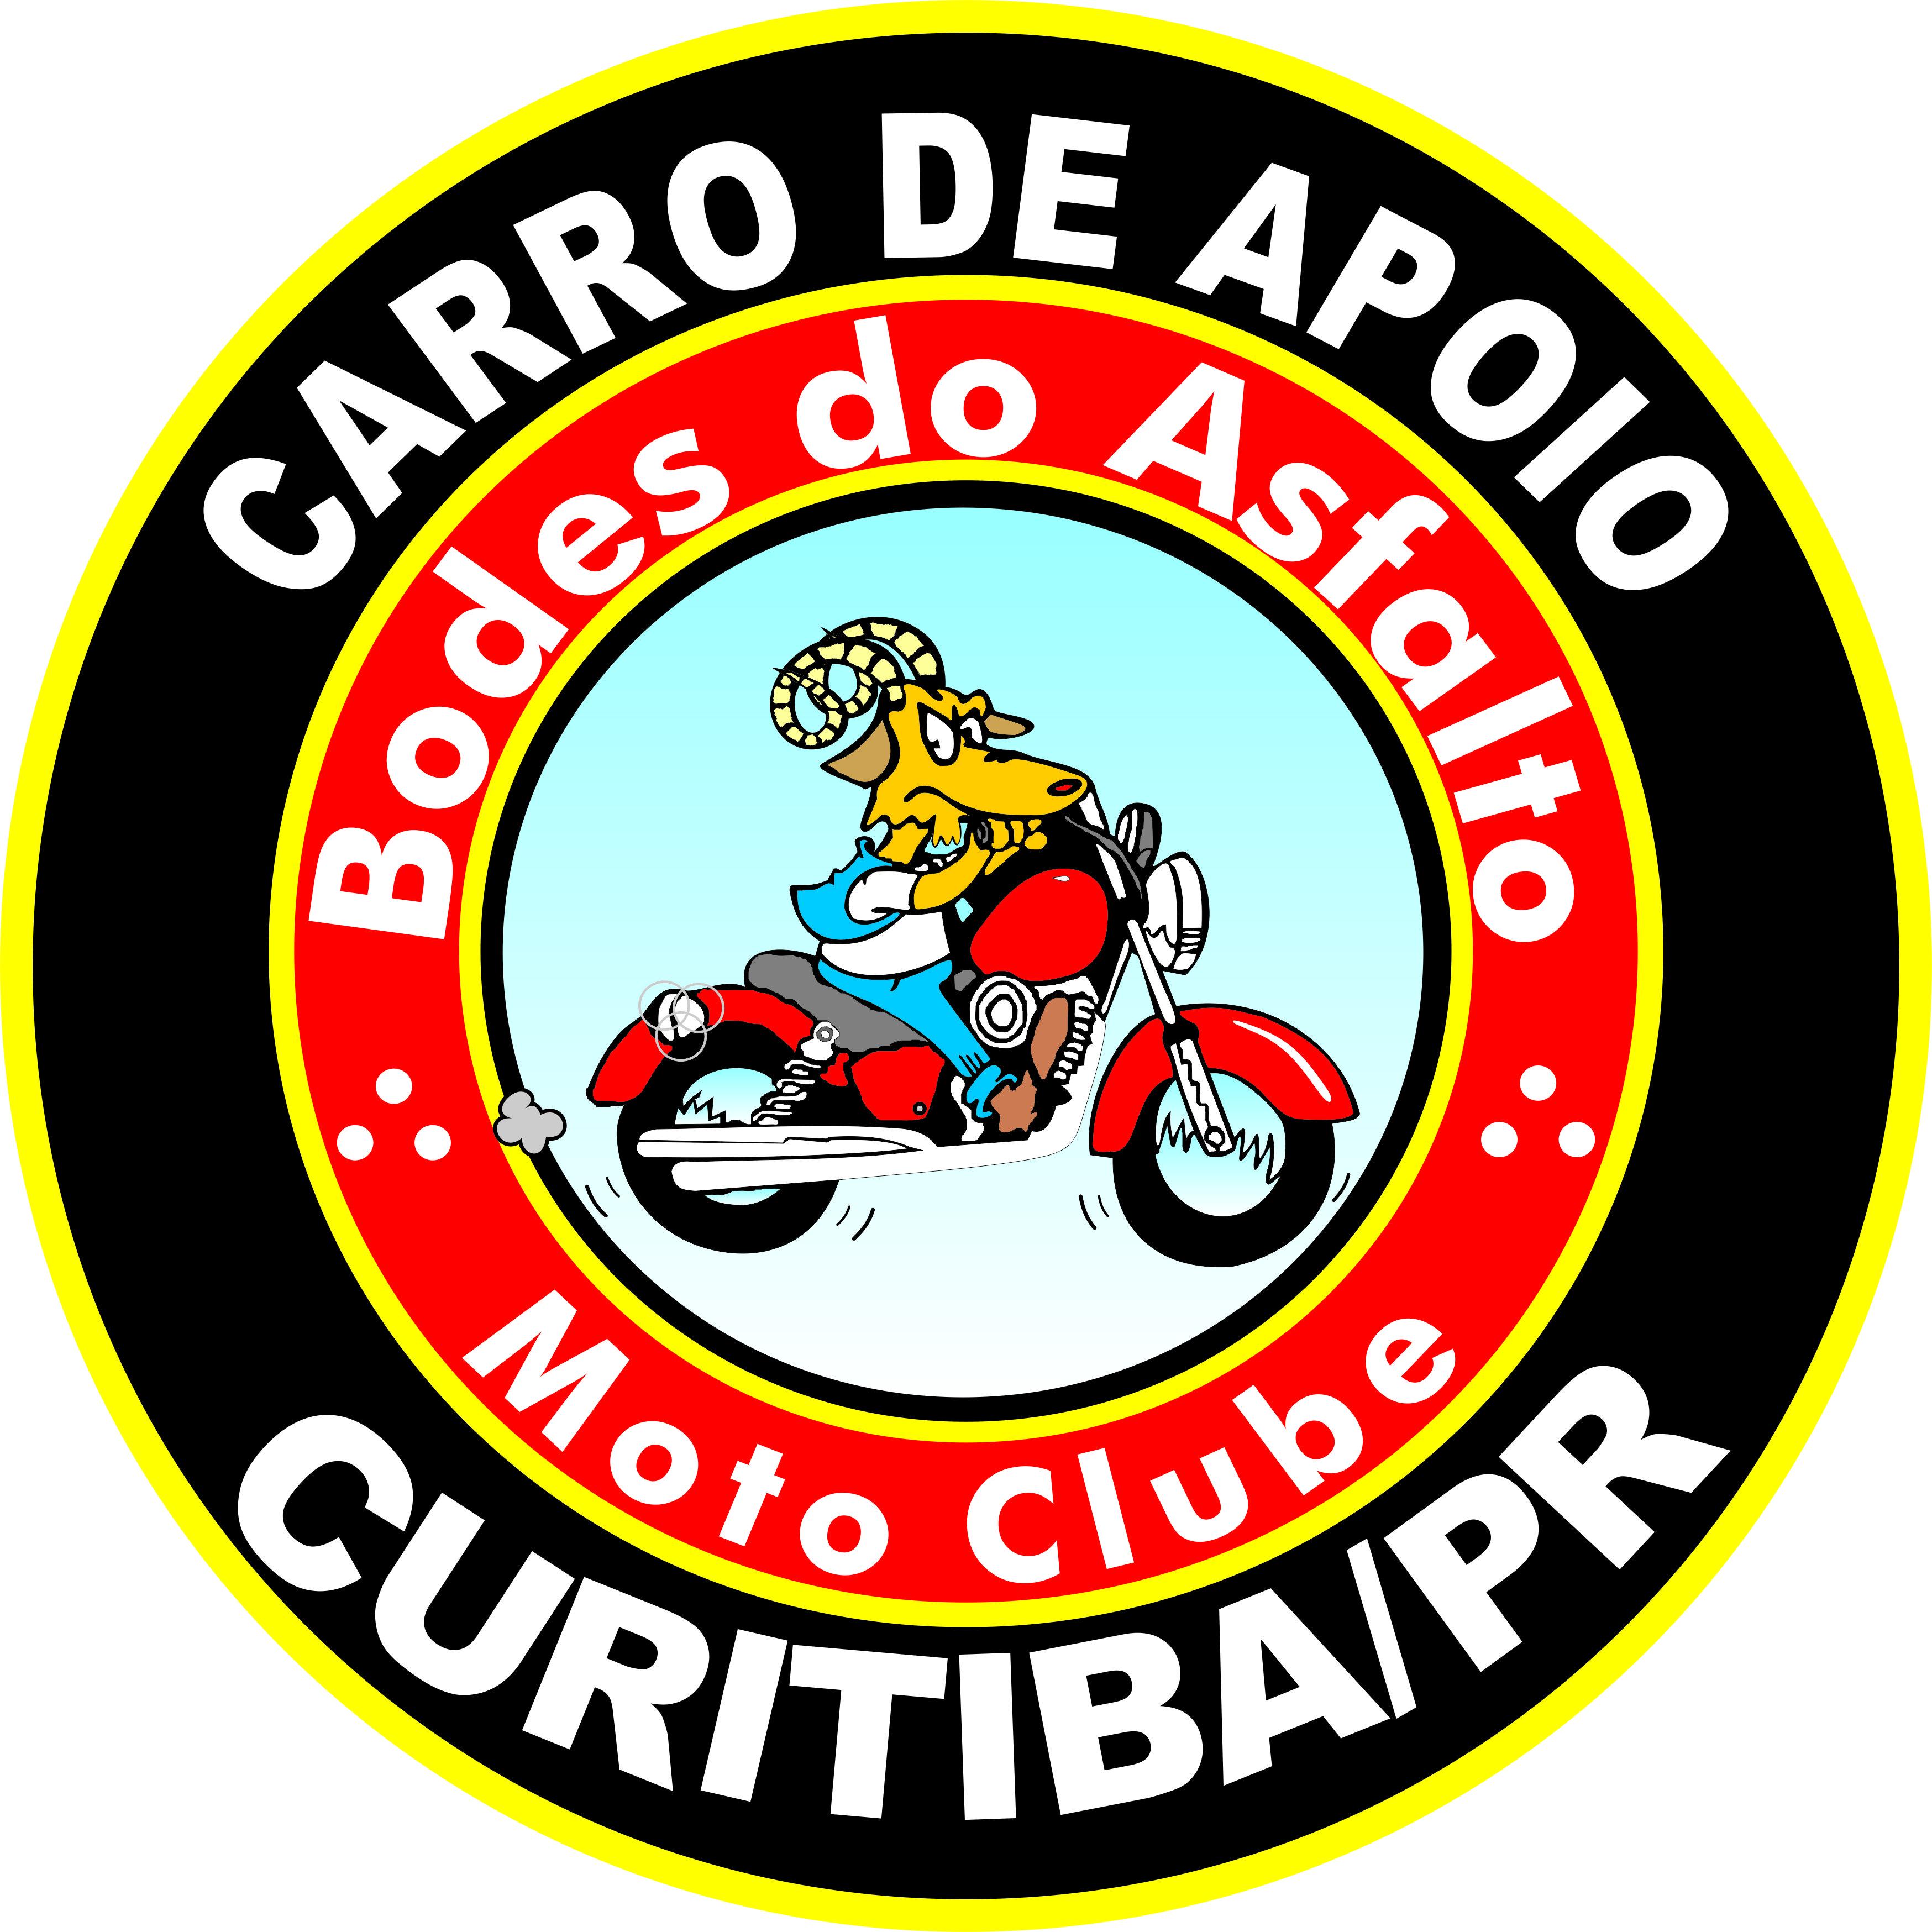 CARRO DE APOIO